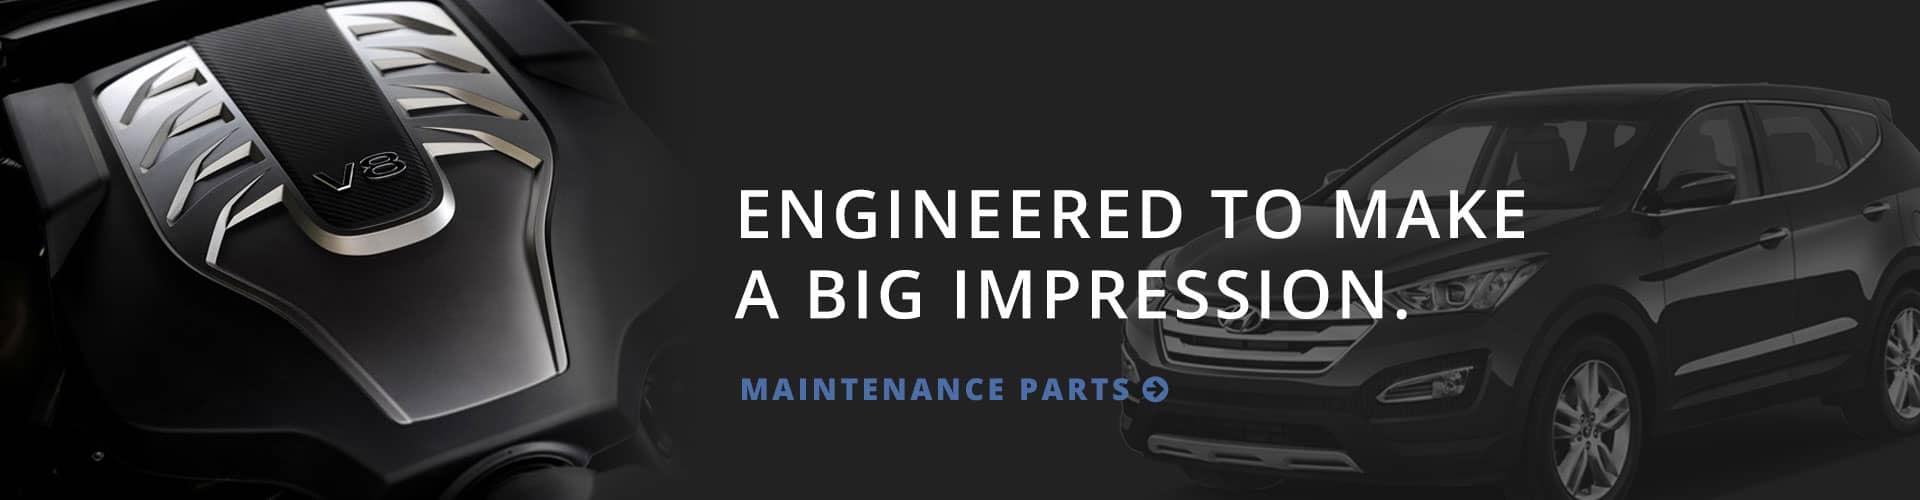 Shop Maintenance Parts